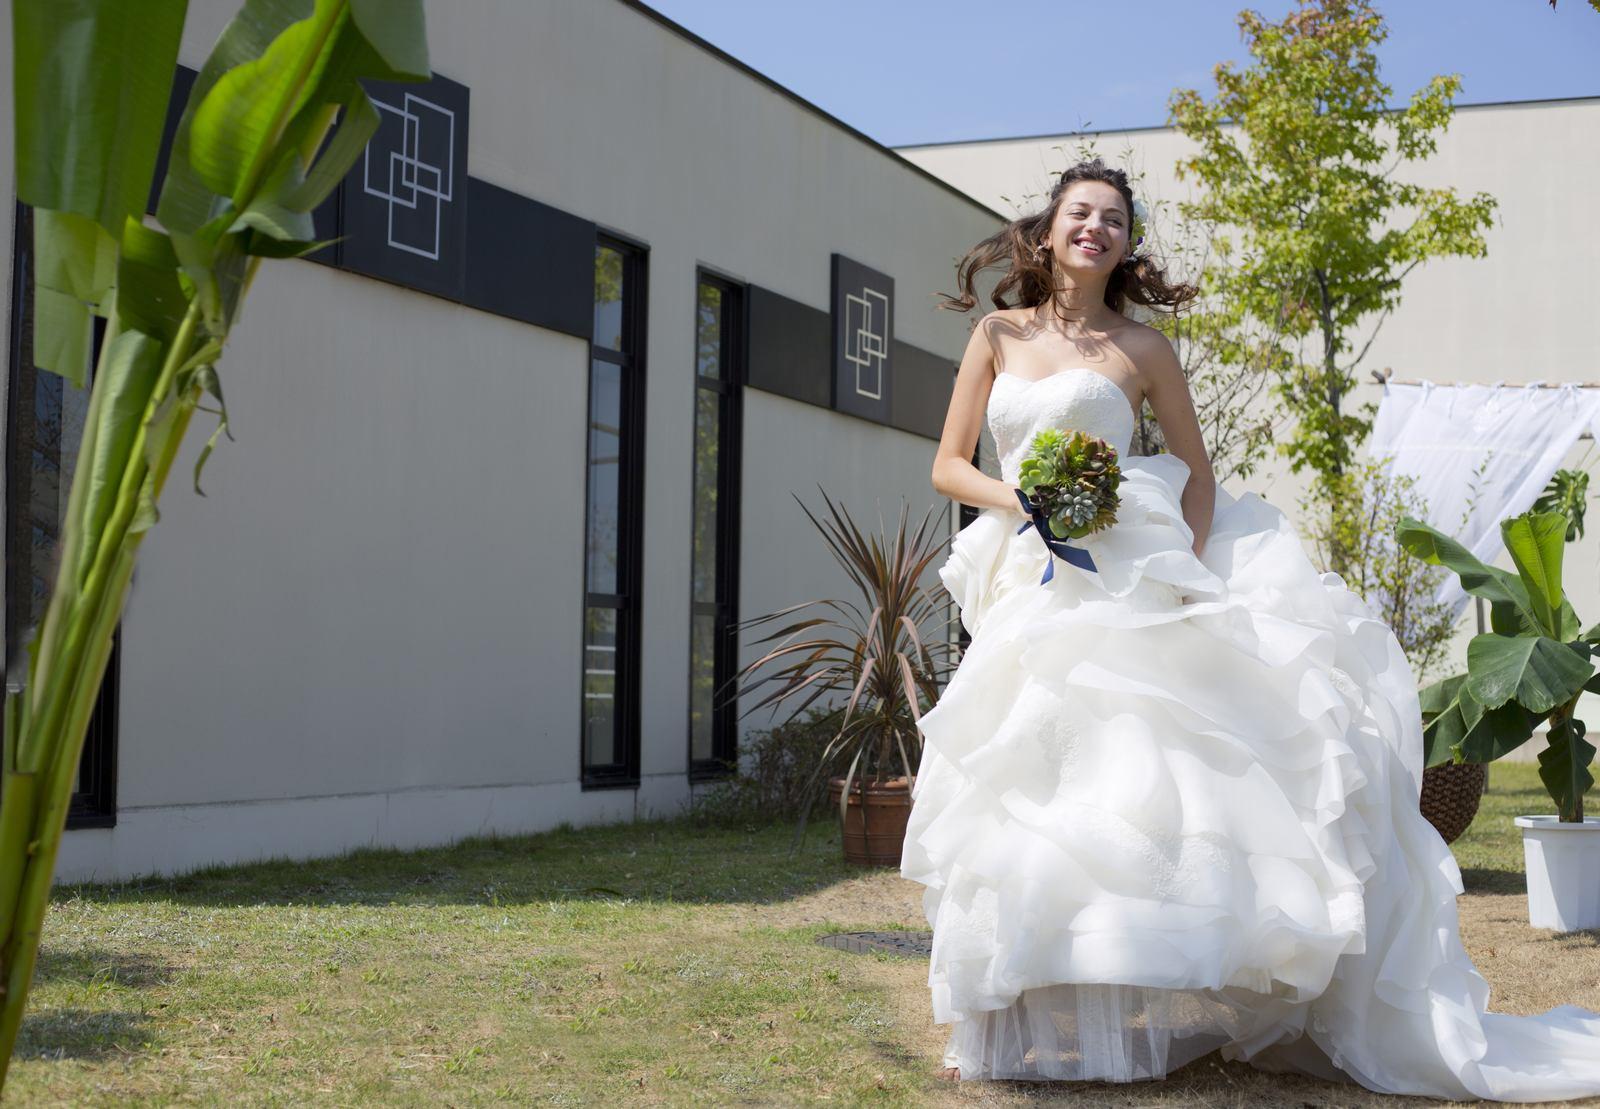 オープンエアのガーデンでドレス姿の花嫁